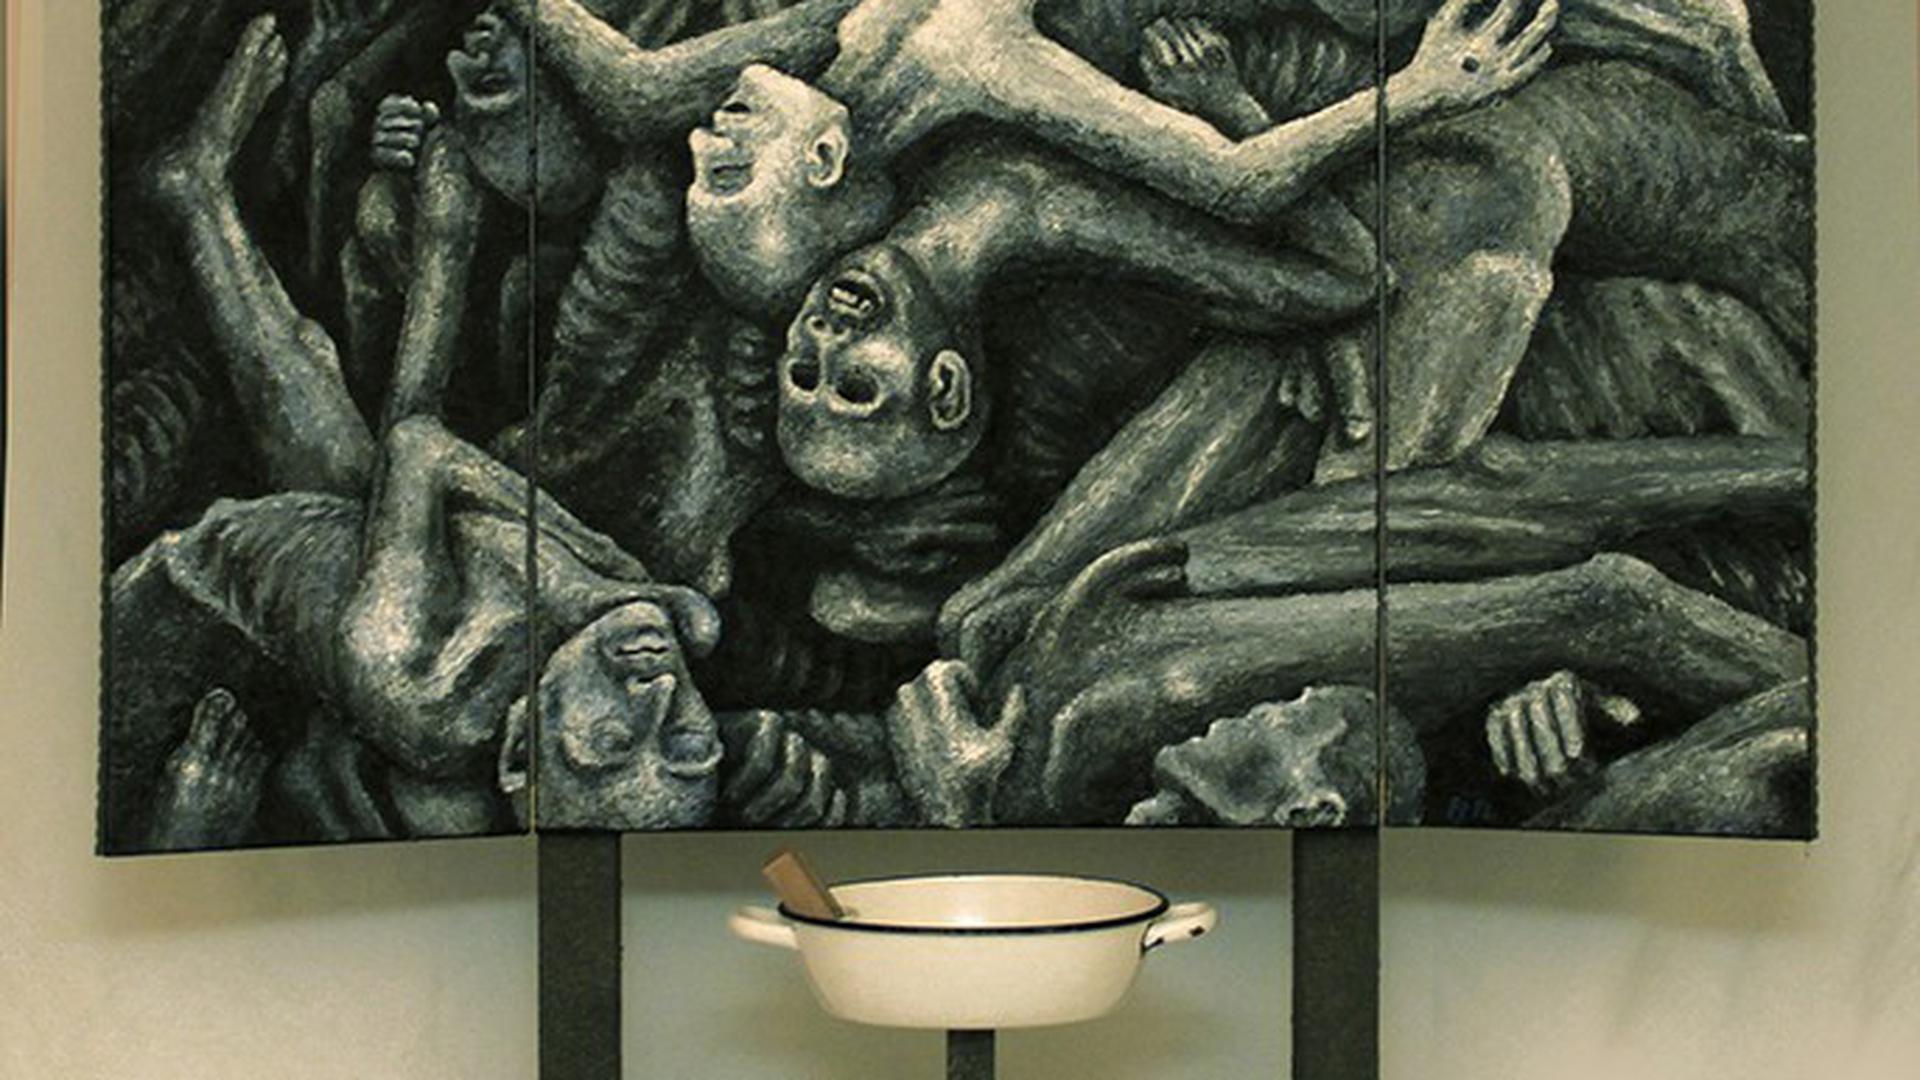 Vor einem Altar mit Stacheldraht und dem Bild eines Leichenhaufens steht eine Waschschüssel mit einem weißen Handtuch.